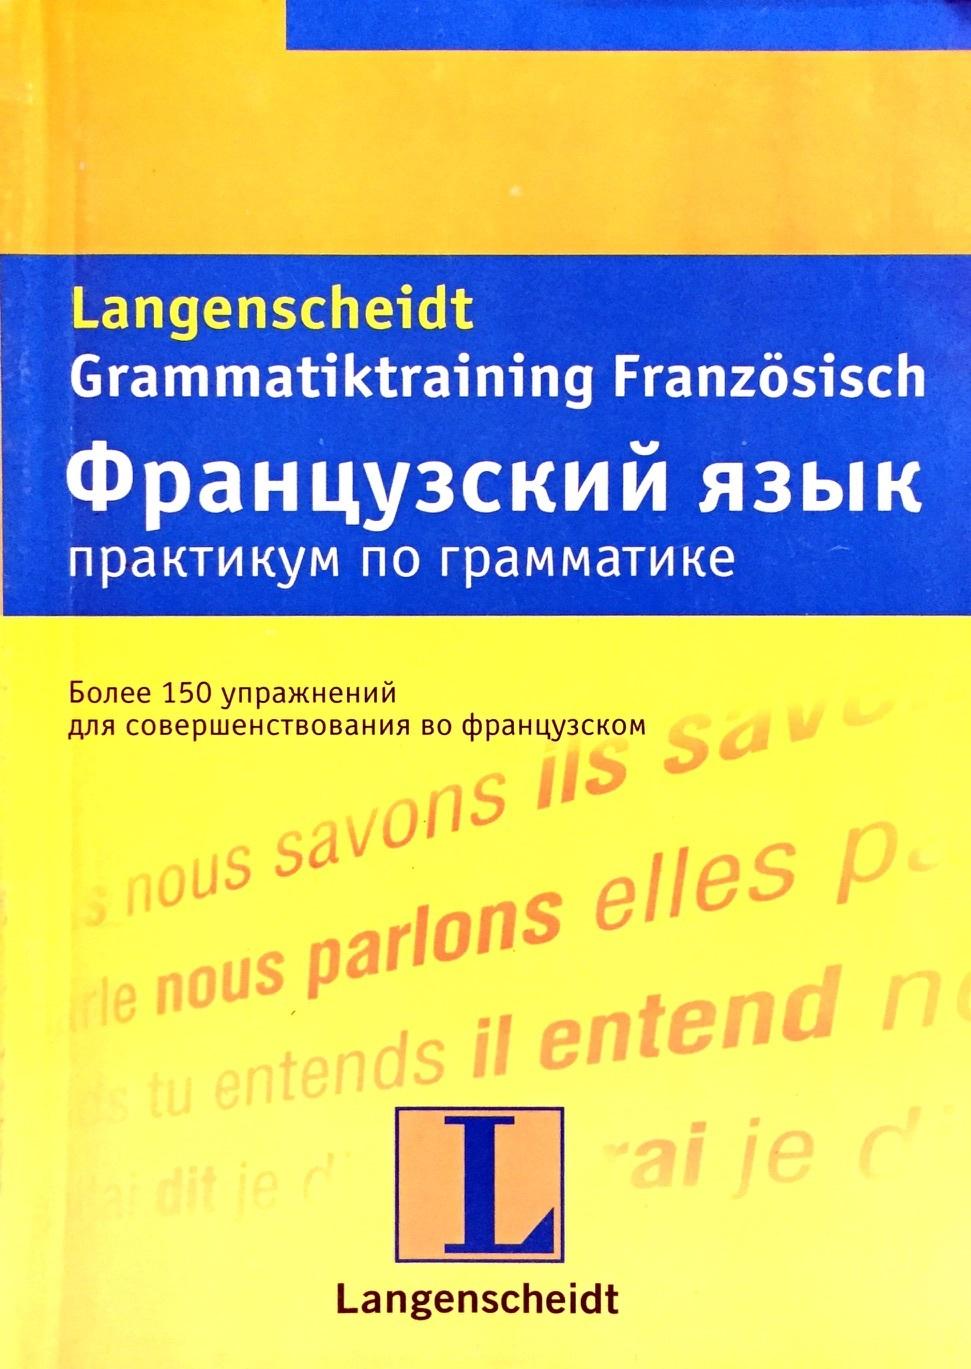 Мишель Каюзак, Кристине Штефанер-Конти. Французский язык. Практикум по грамматике